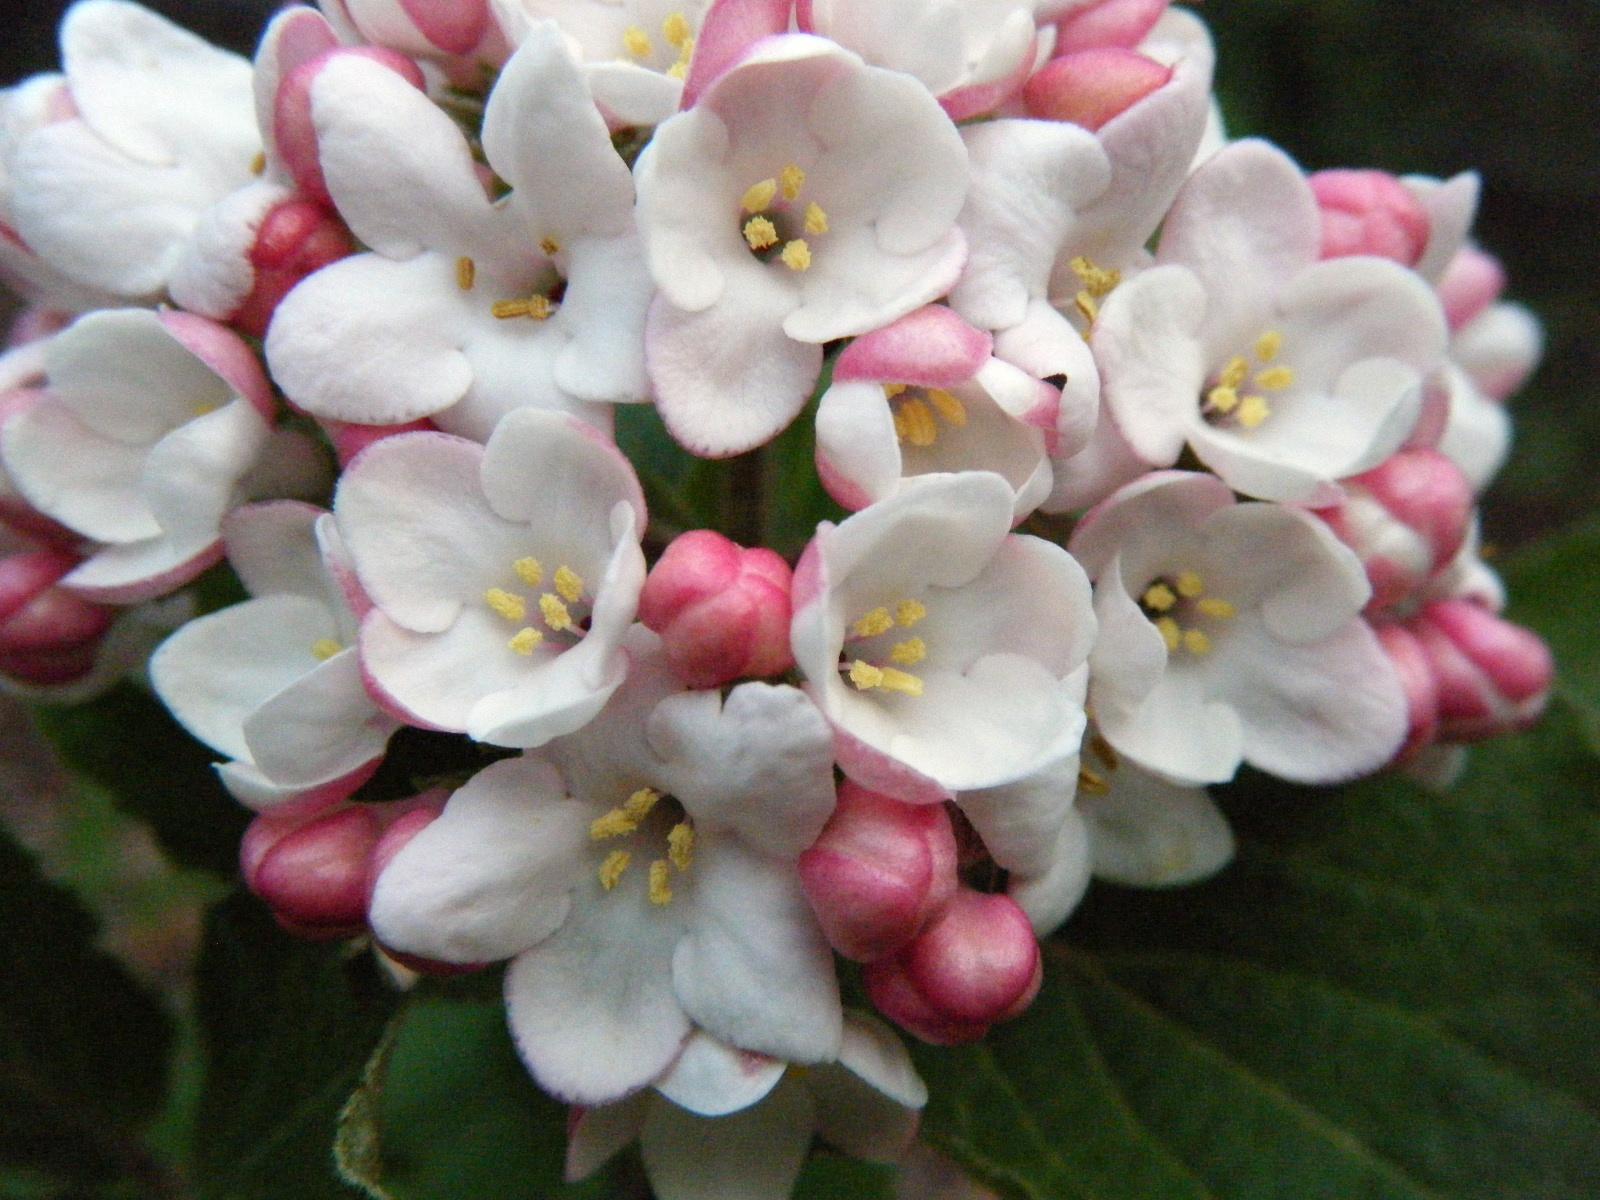 http://1.bp.blogspot.com/-mI-OmWfwriQ/TZcNzqGiPPI/AAAAAAAAAz0/Ir04heeD2u4/s1600/ViburnumFlowers.jpg